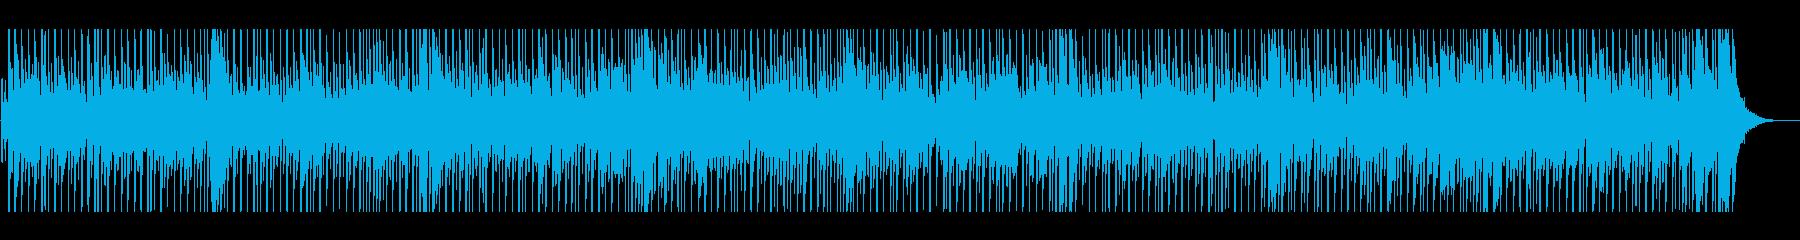 軽快なマンドリンカントリーの再生済みの波形